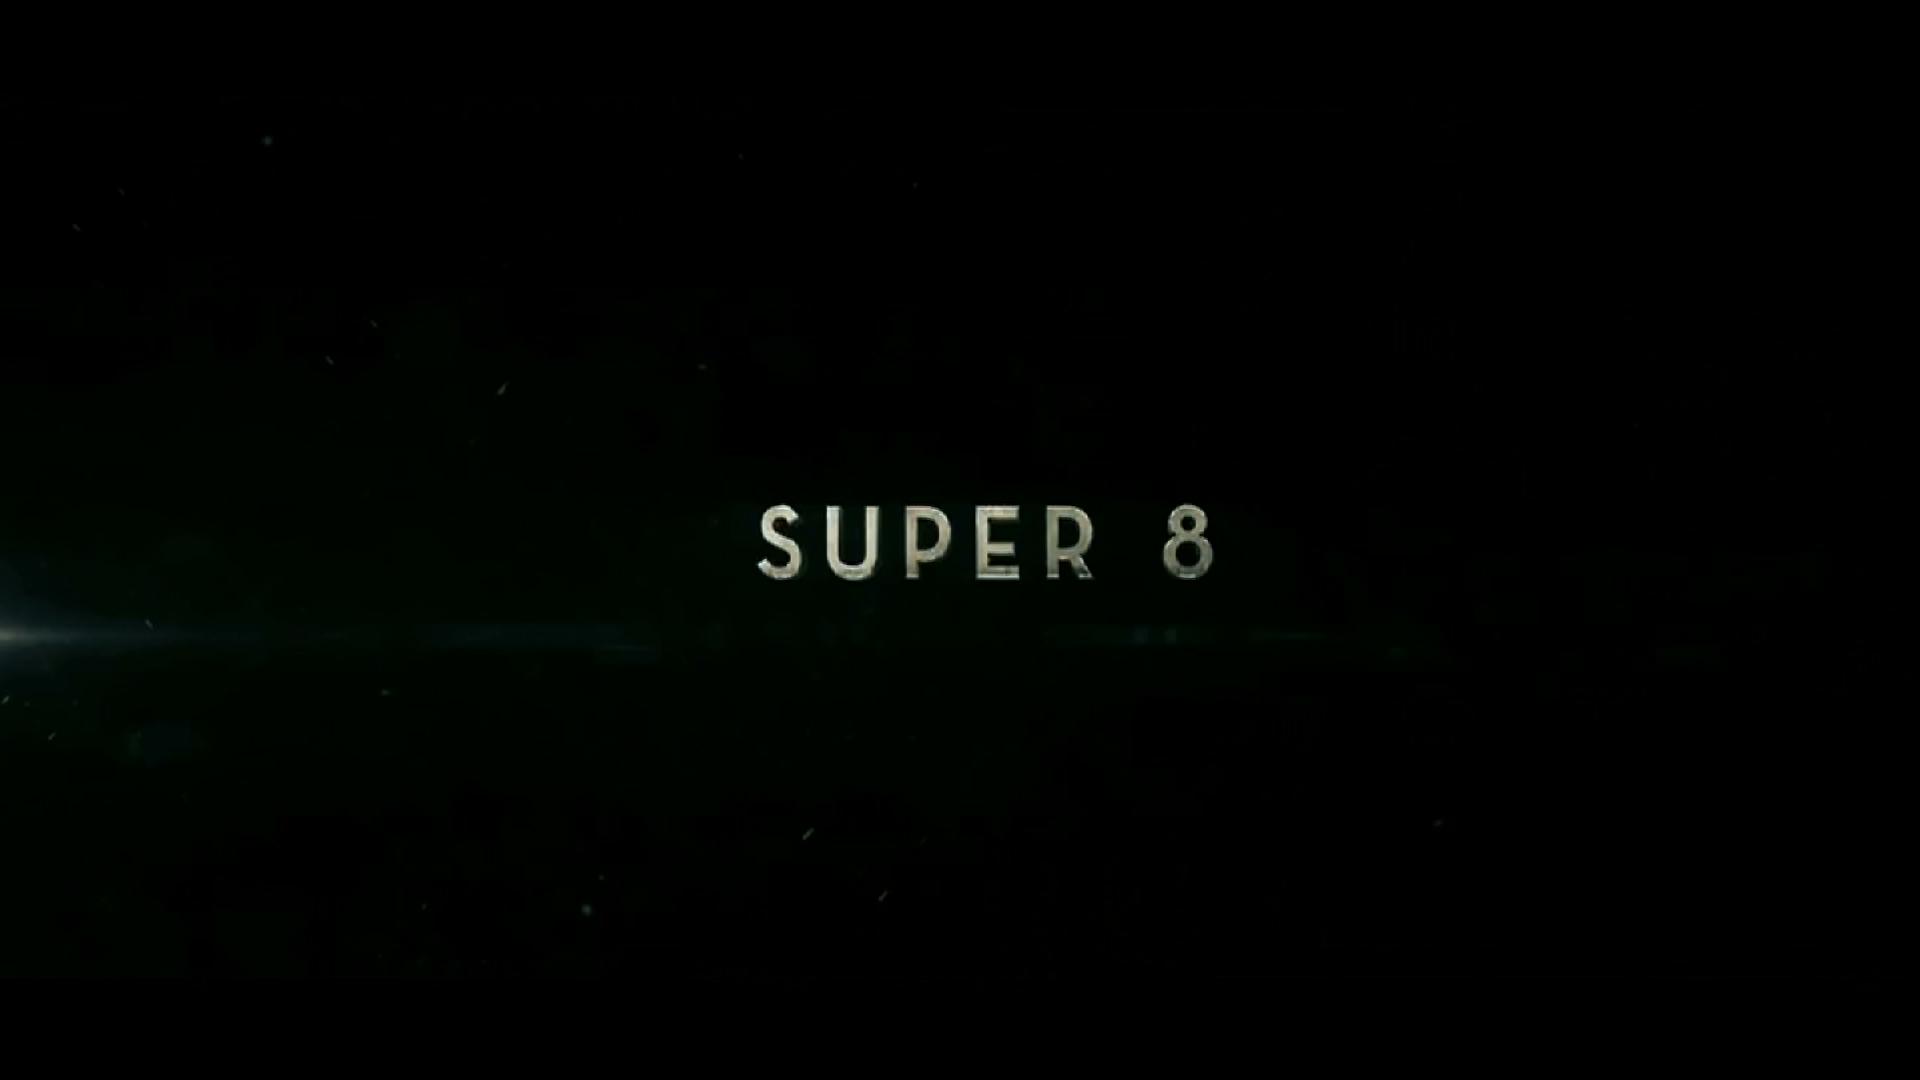 SUPER-8-TITLE